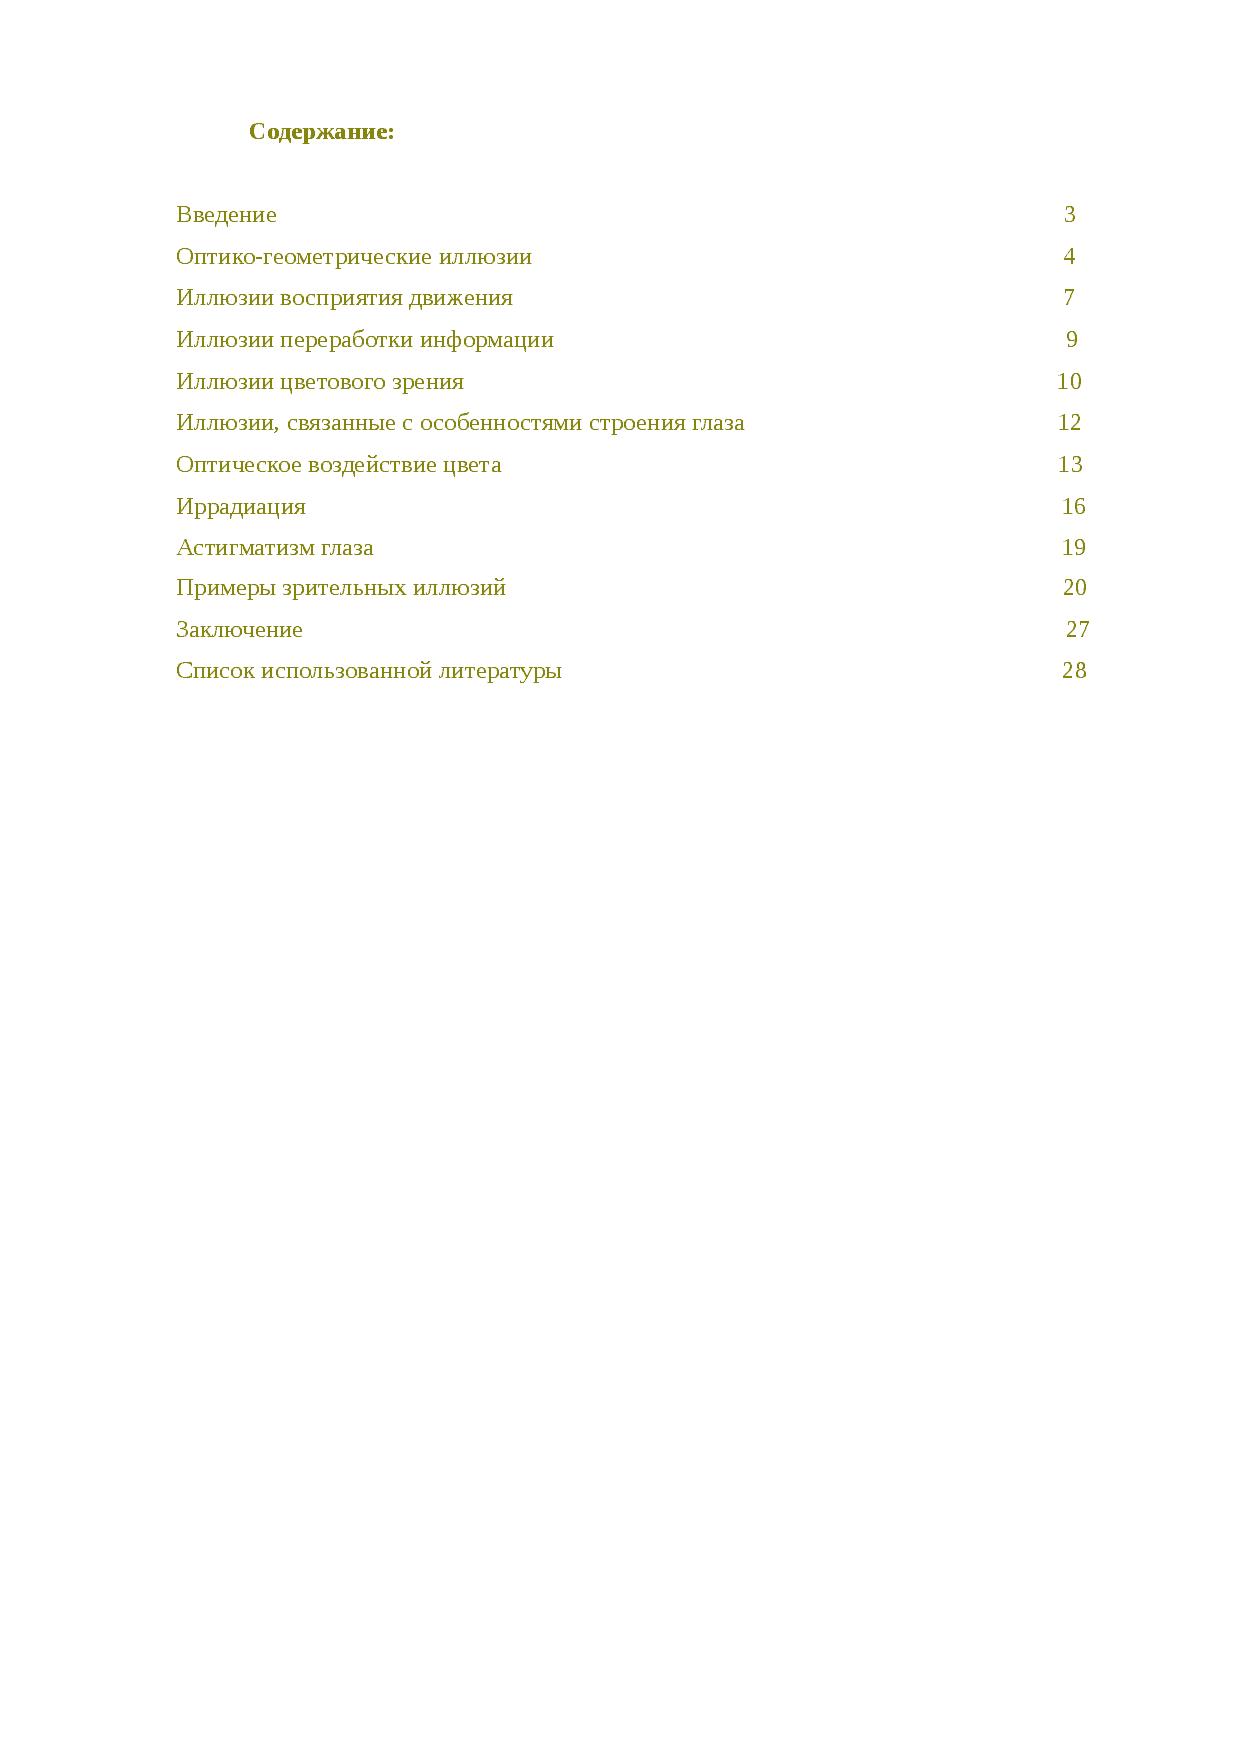 Иллюзия (психология) википедия